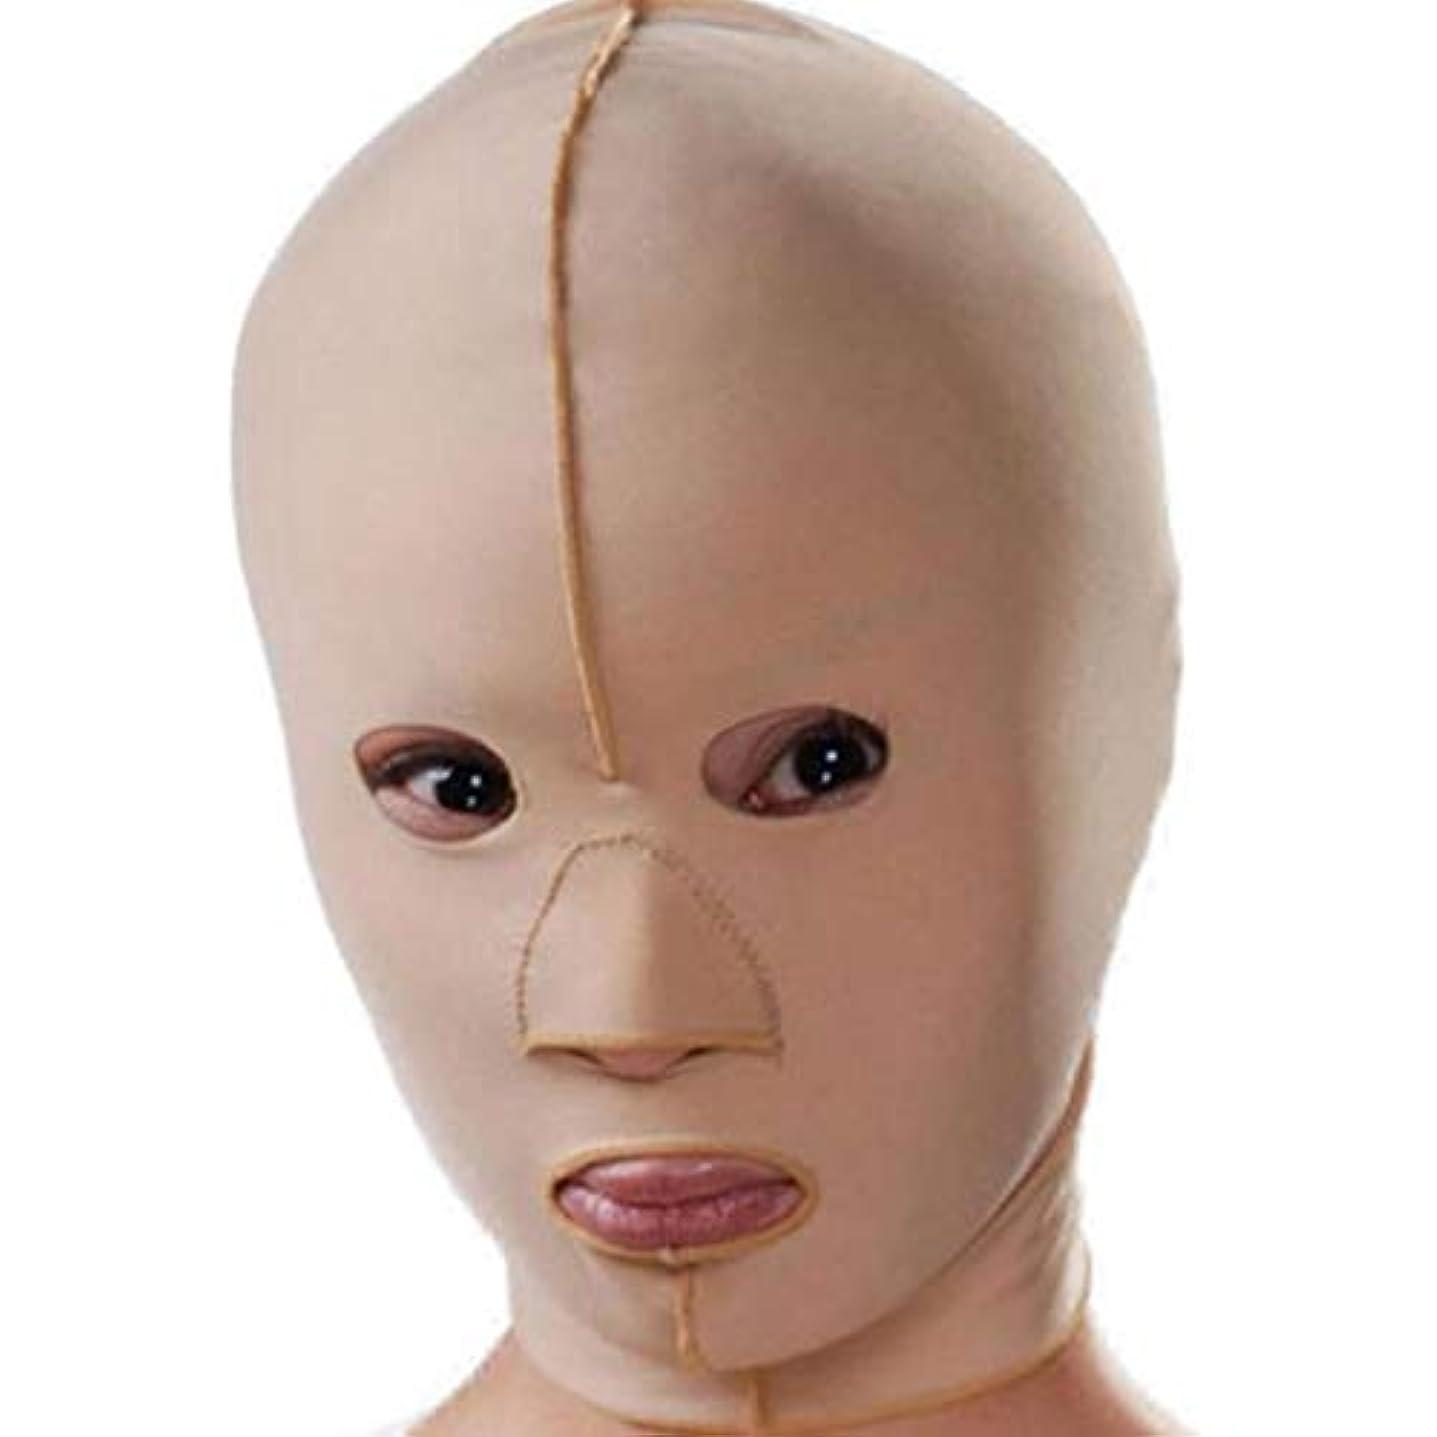 気を散らす目指す蒸発痩身包帯、マスク薄いフェイスマスクリフティングダブルあご引き締め顔面プラスチックフェイスアーティファクト強力なフェイス包帯